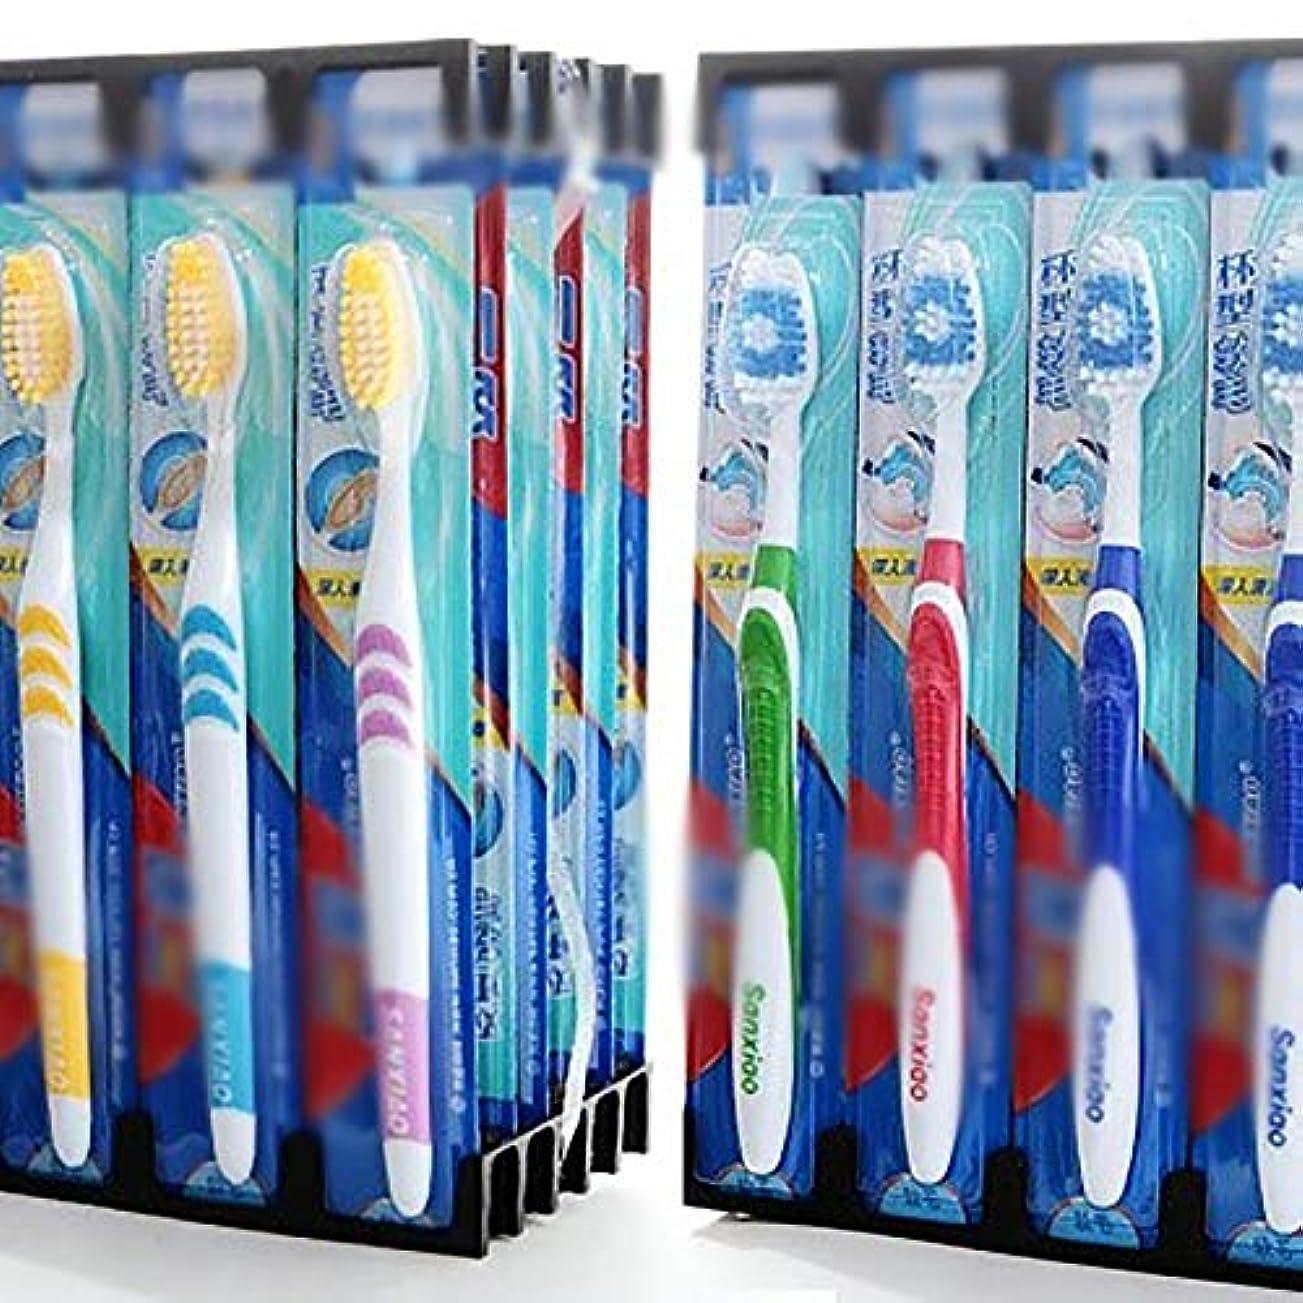 レジ解く三歯ブラシ 30ミックス歯ブラシ、個々の歯ブラシ包まれた、ウルトラソフト歯ブラシ - 使用可能なスタイルの3種類 KHL (色 : C, サイズ : 30 packs)